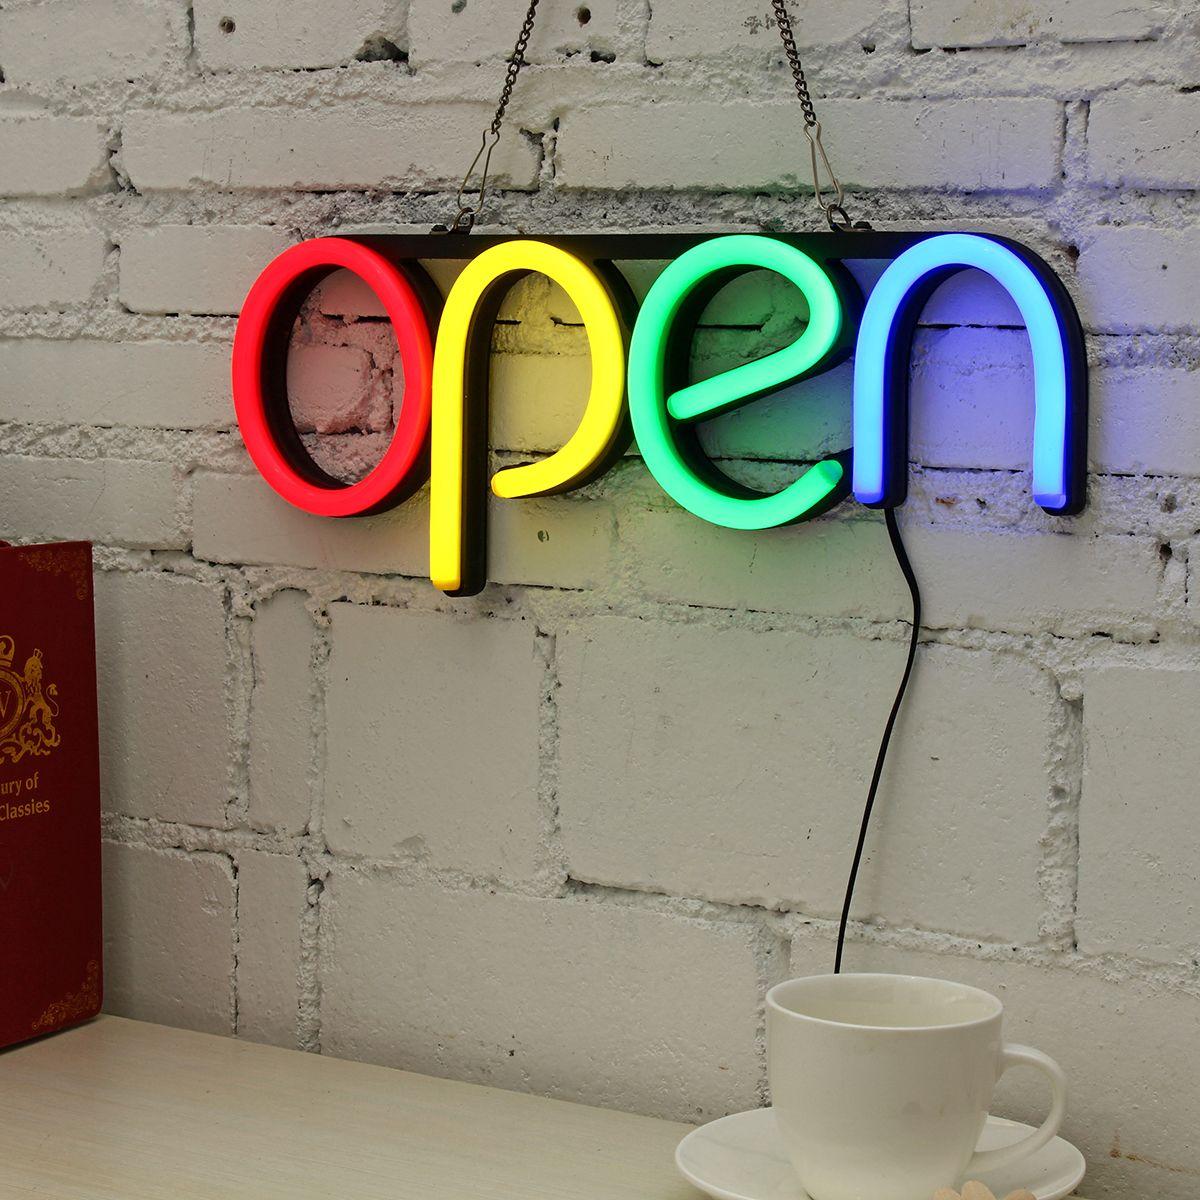 لوحة نيون LED ضوء الأنبوب المصنوعة يدويا لوحة فنية بصرية شريط نادي Ktv Wall الديكور التجاري الإضاءة المصابيح الملونة النيون